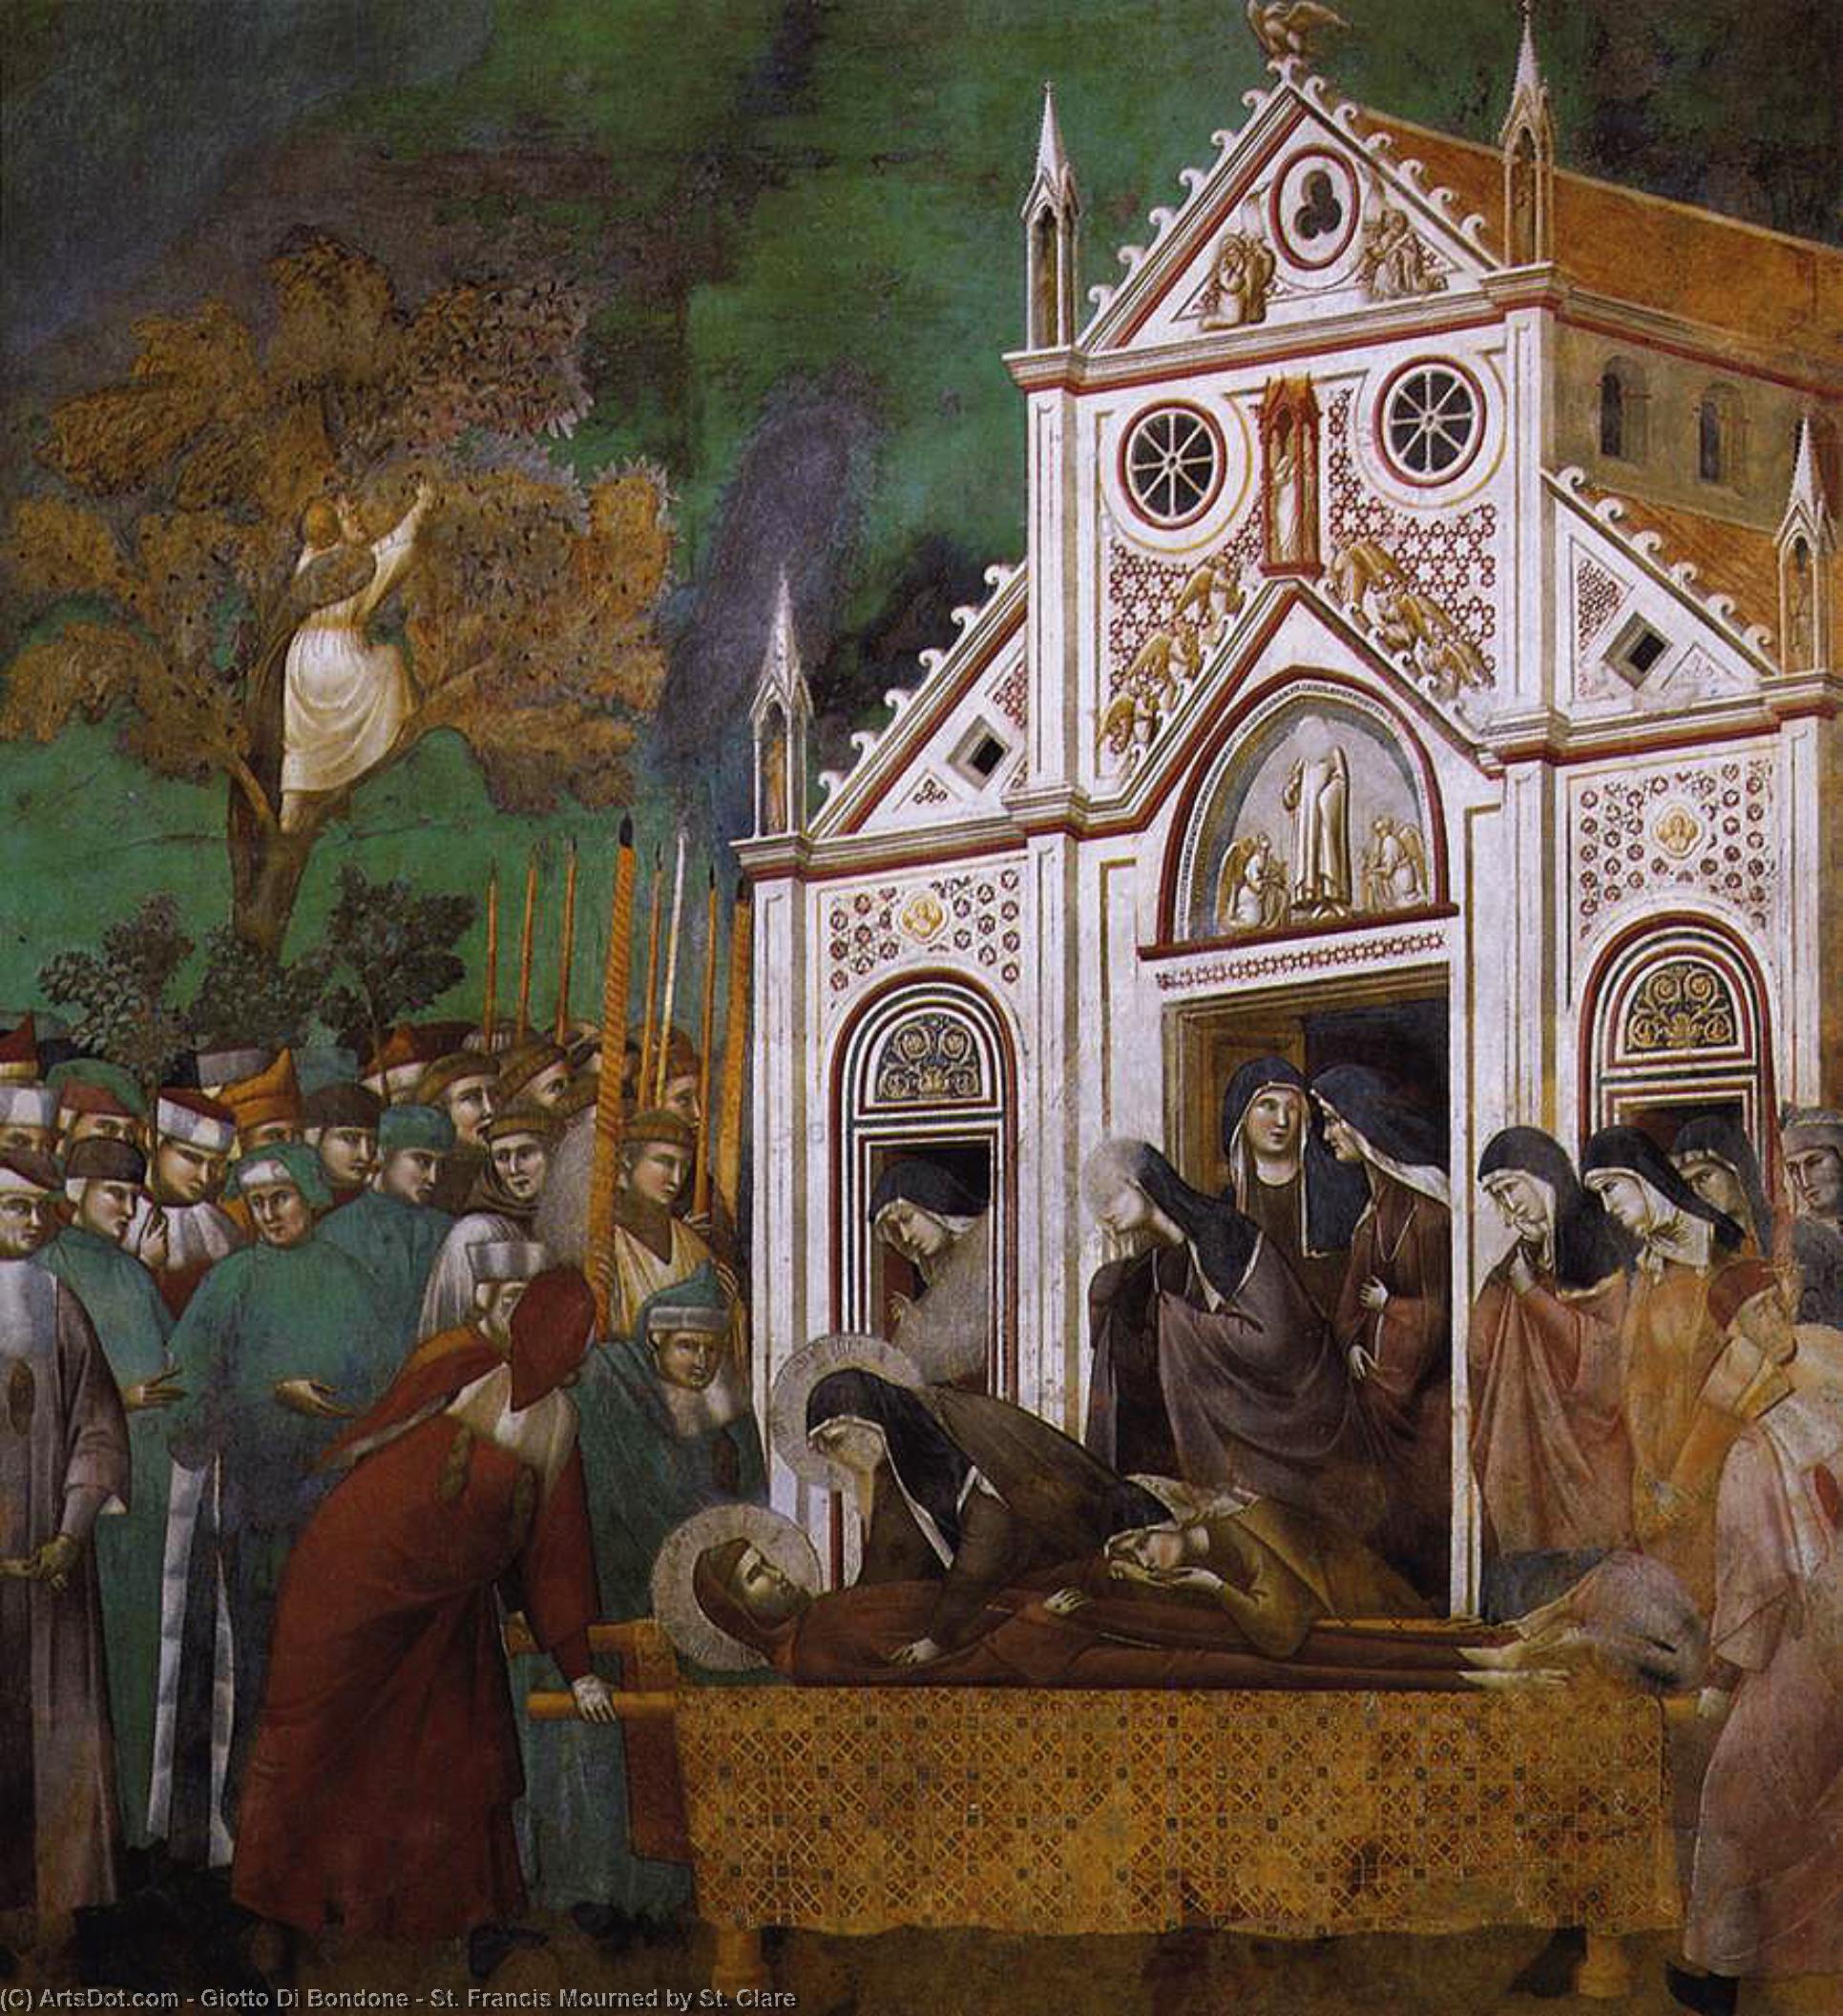 WikiOO.org - Enciklopedija dailės - Tapyba, meno kuriniai Giotto Di Bondone - St. Francis Mourned by St. Clare